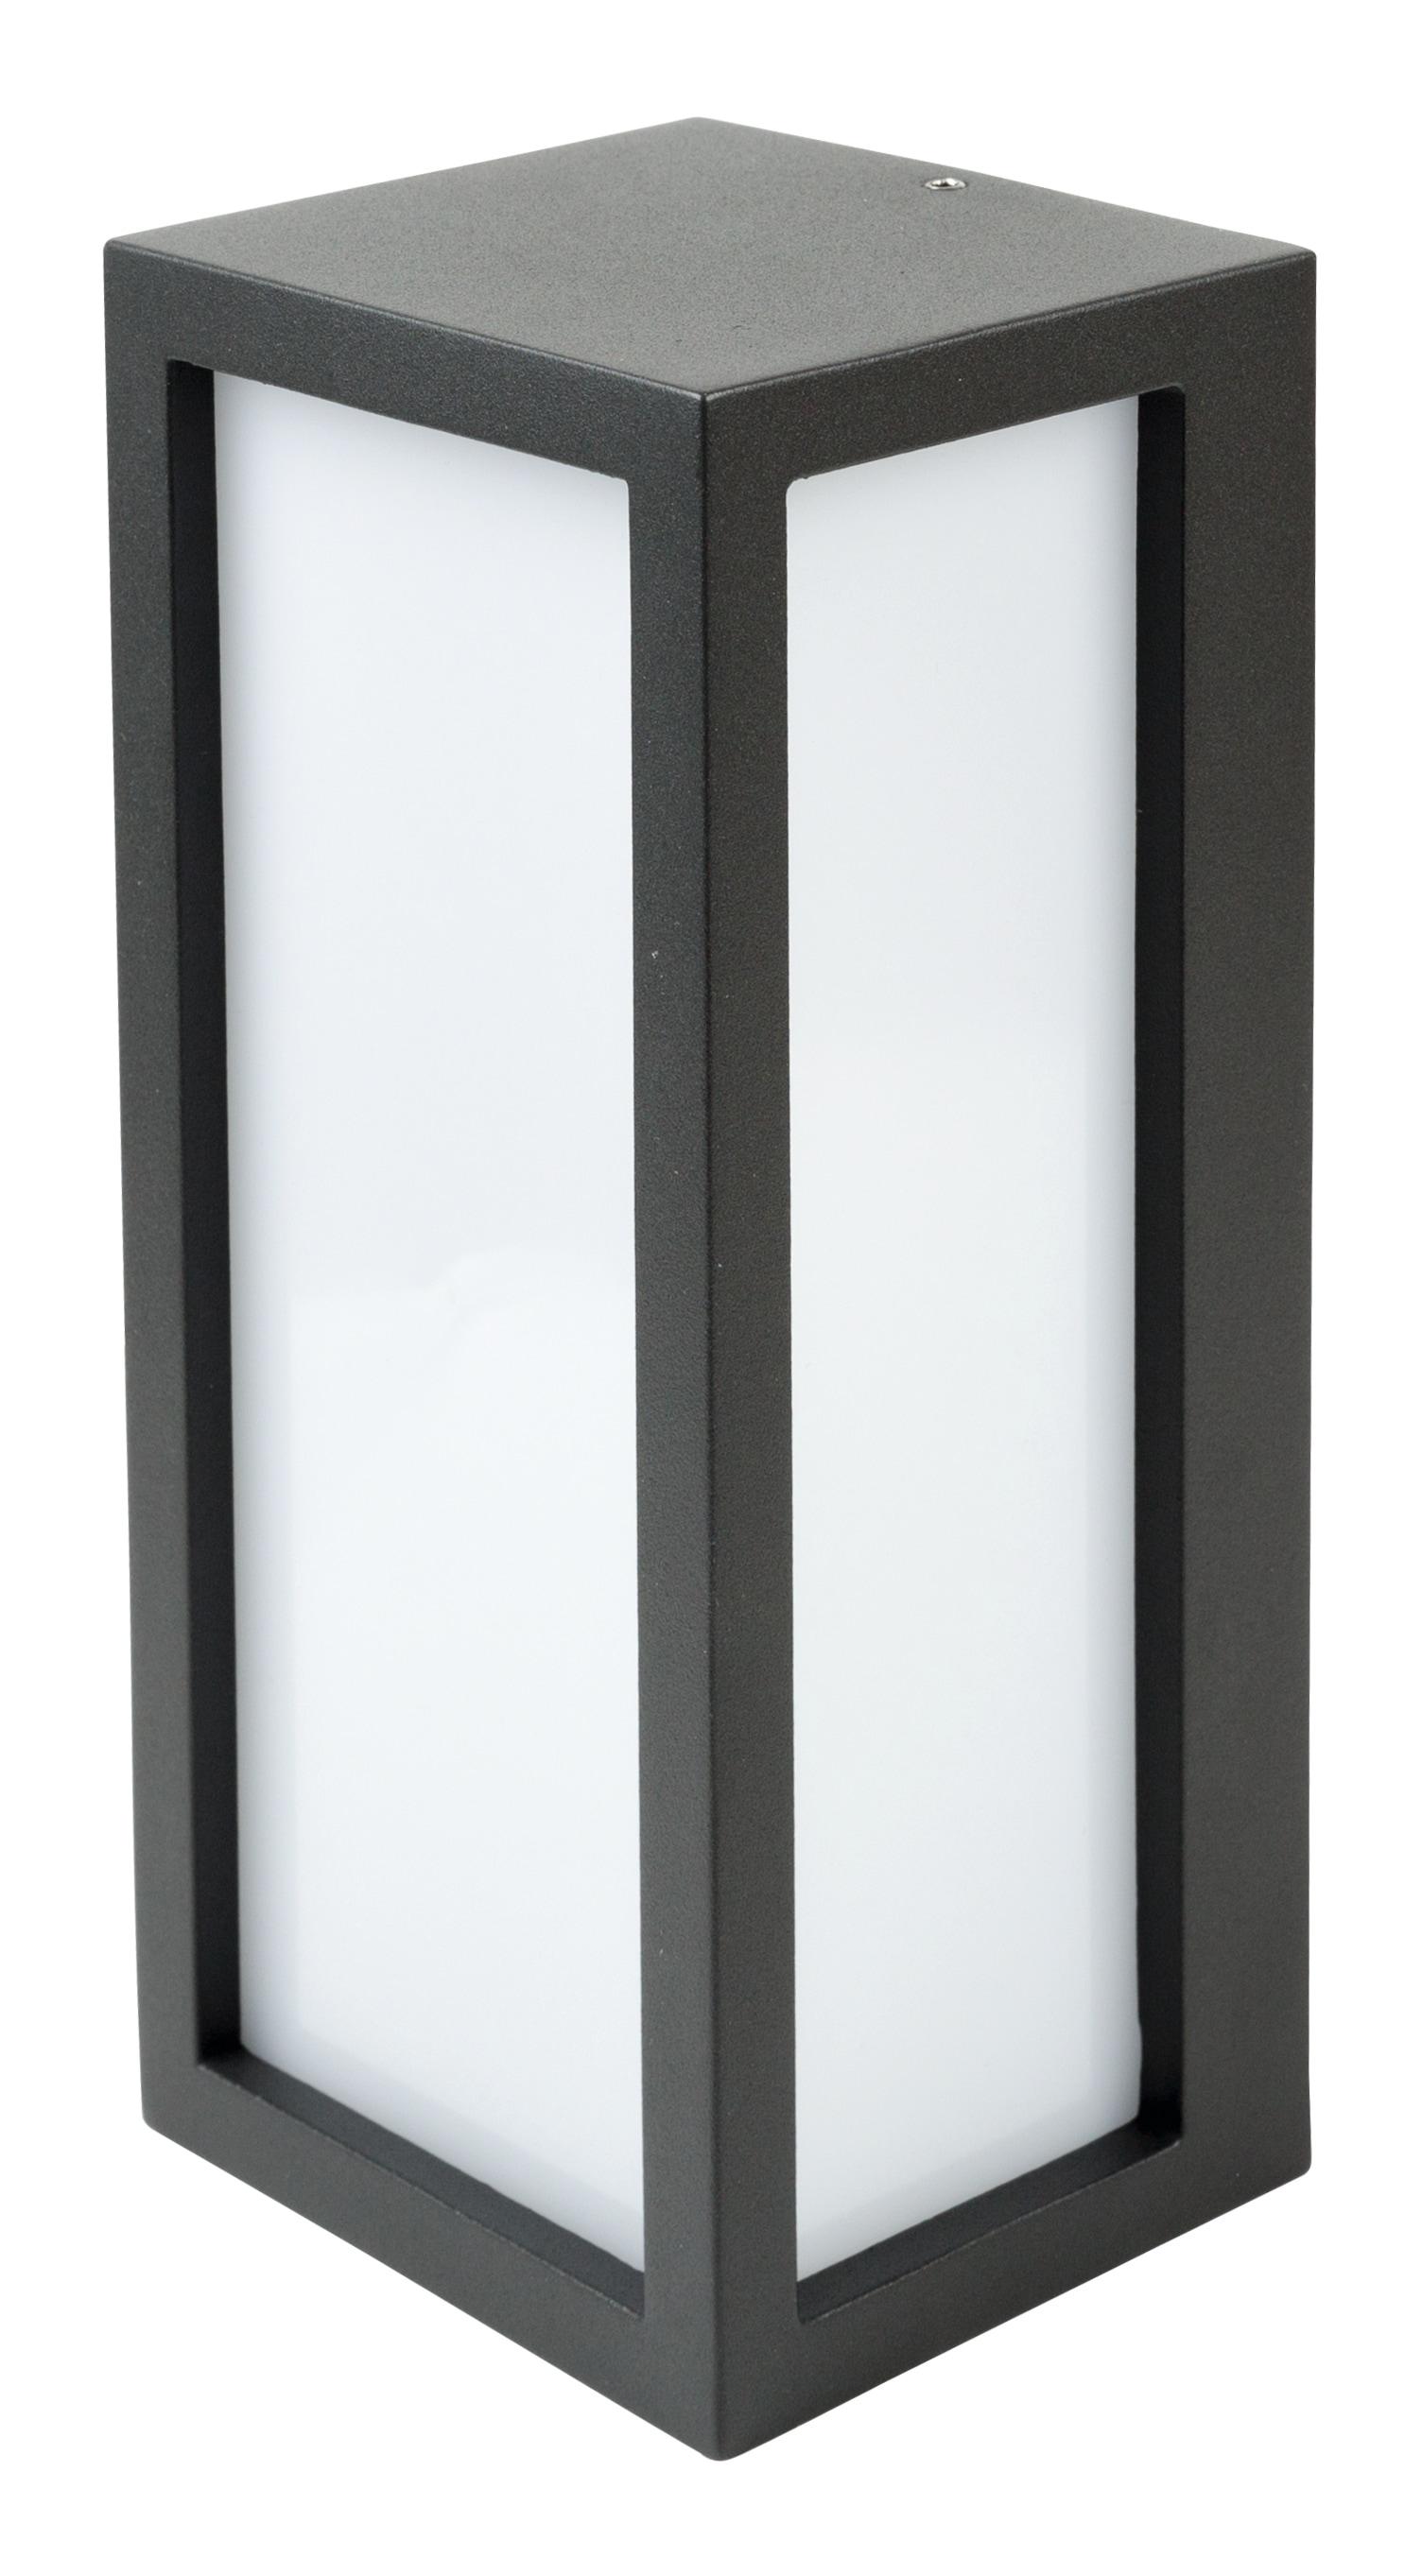 HEITRONIC LED Wandleuchte Keanu, LED-Modul, 1 St., Warmweiß, Große Lichtaustrittsflächen; helles Licht mit 660 lm Lichtstrom